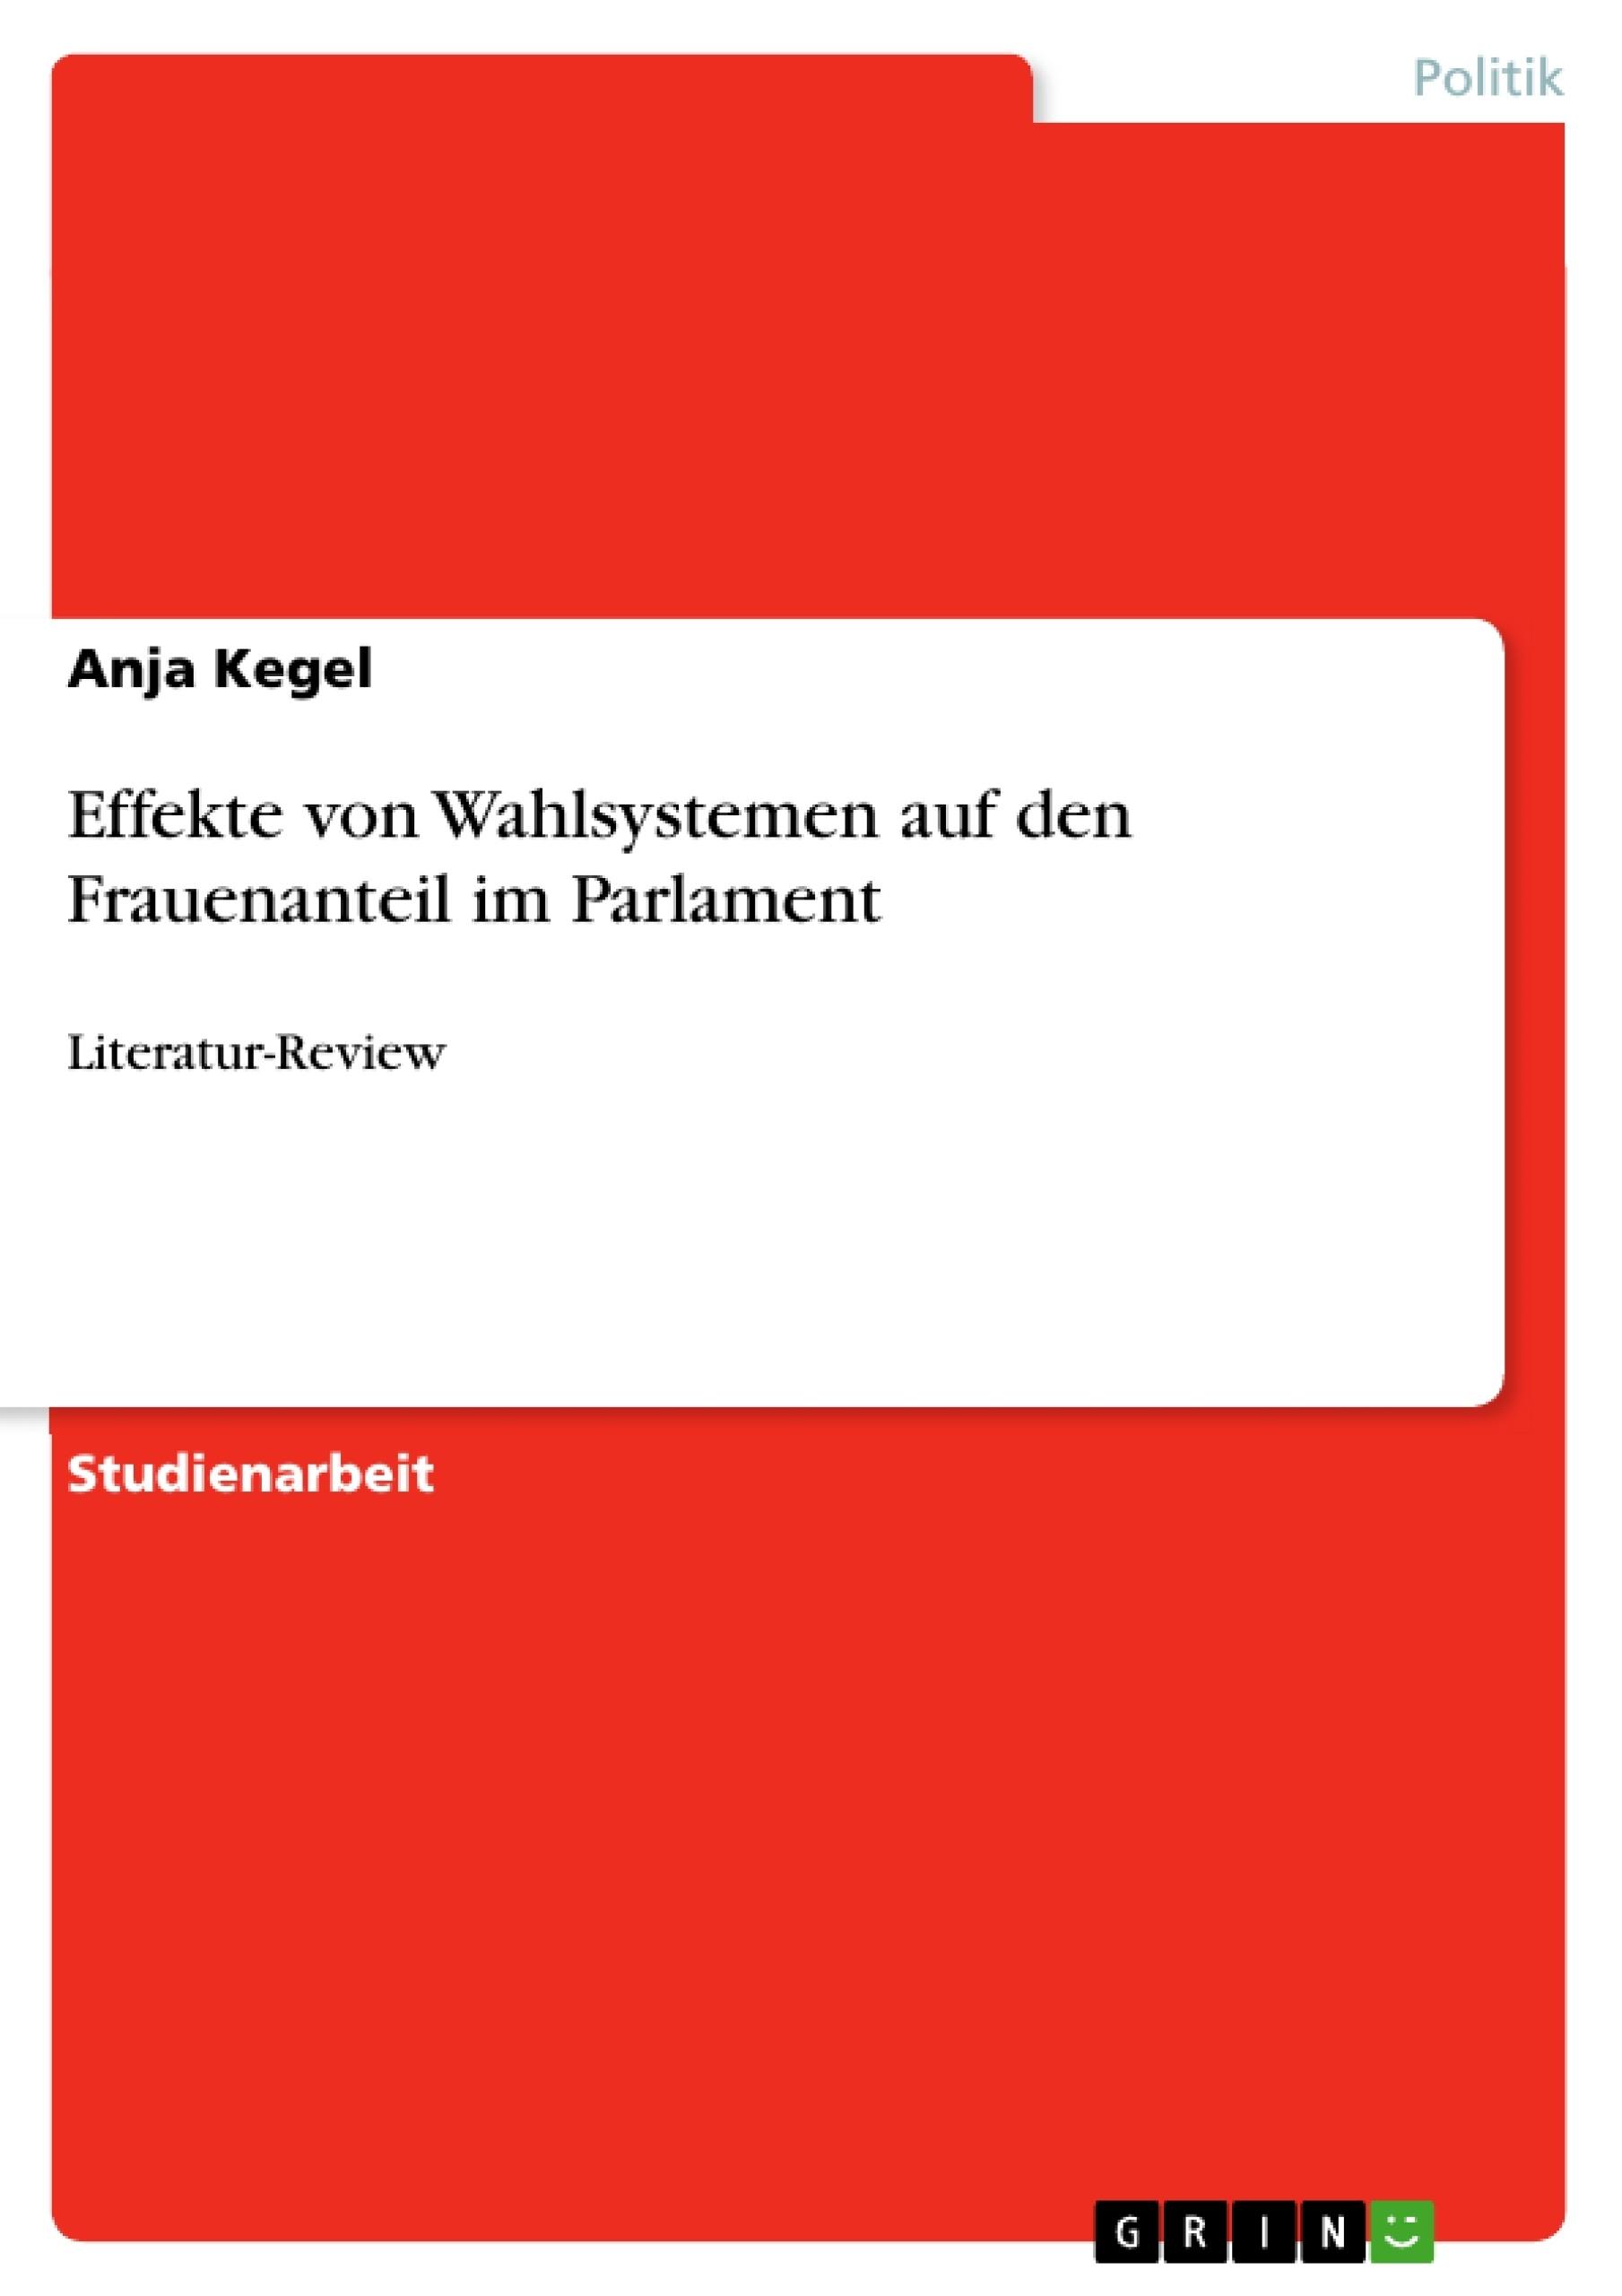 Titel: Effekte von Wahlsystemen auf den Frauenanteil im Parlament